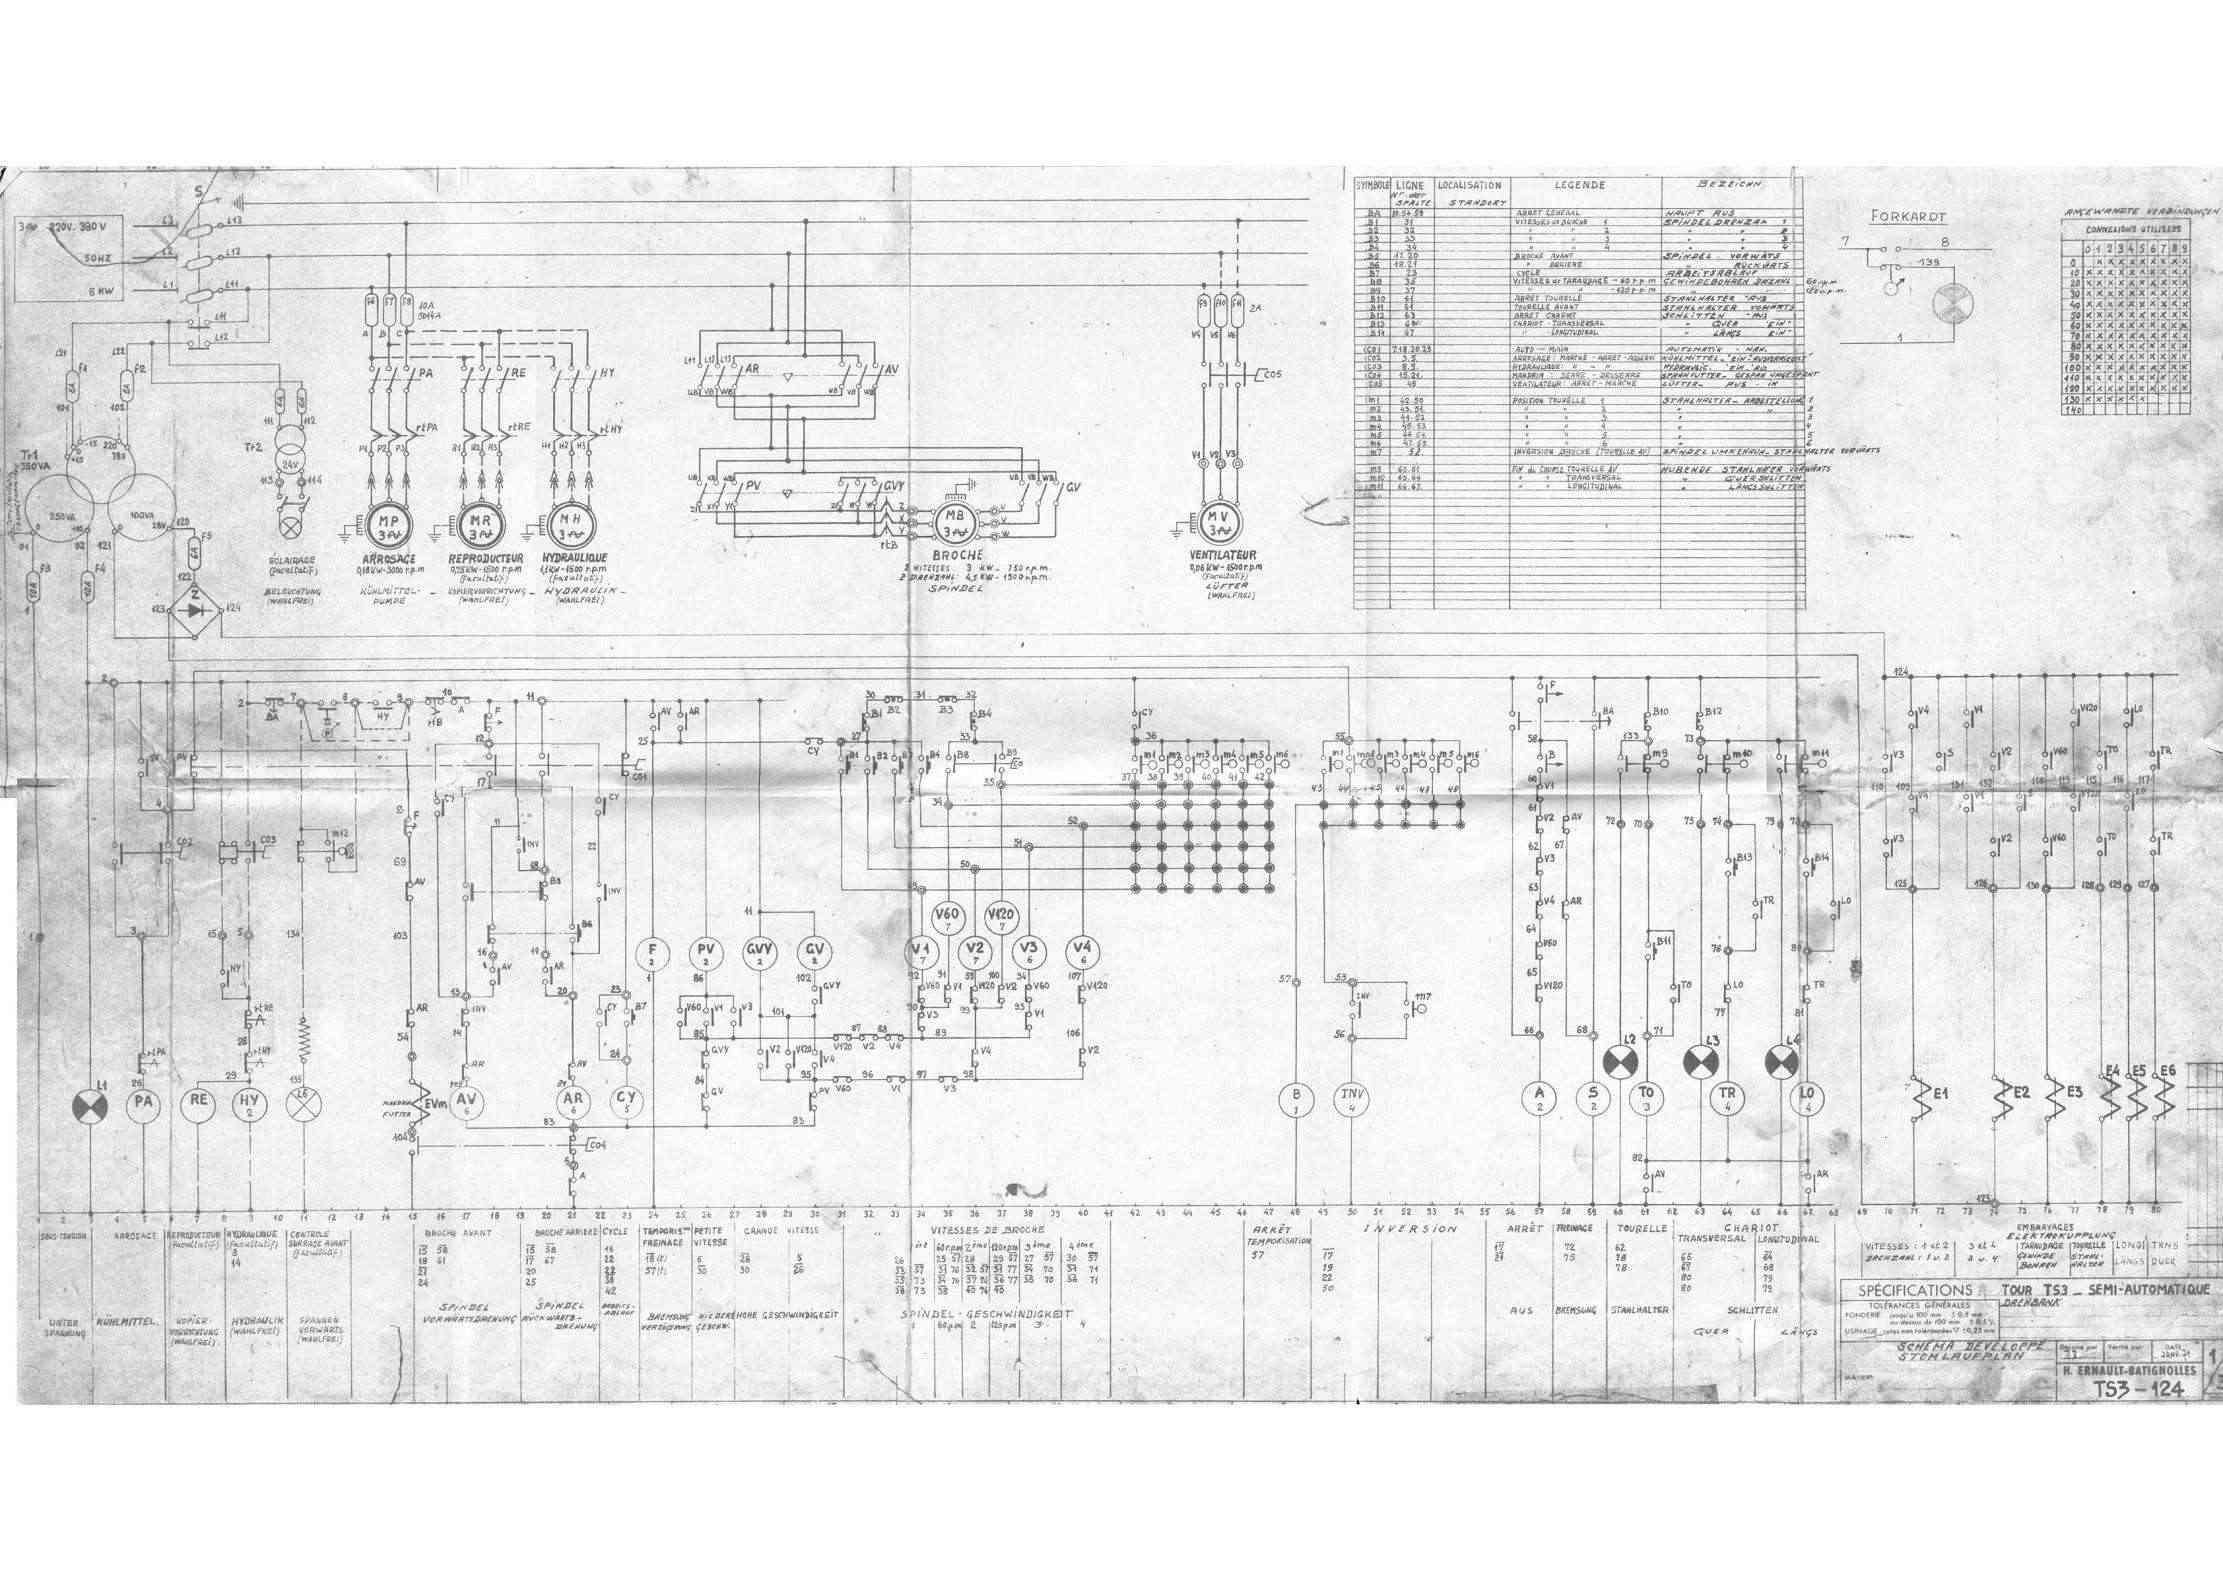 schéma electrique d'un tour TS5 ernault-somua schéma 2 Uw11108